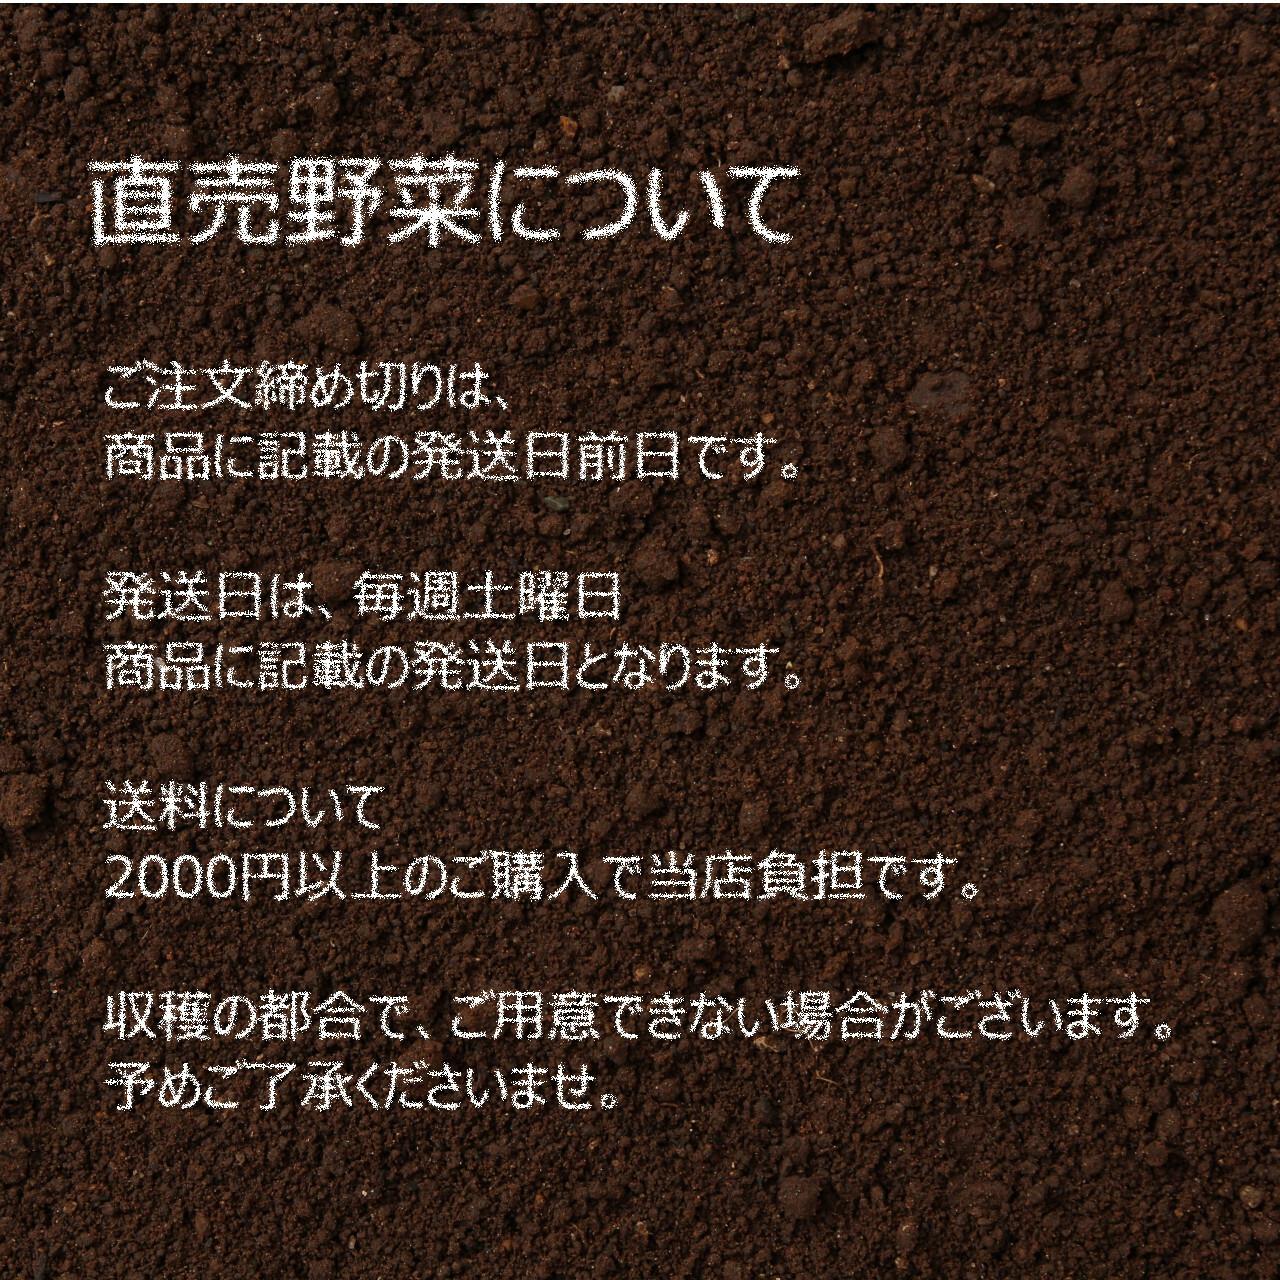 8月の朝採り直売野菜 : 大葉 約100g 新鮮な夏野菜 8月8日発送予定